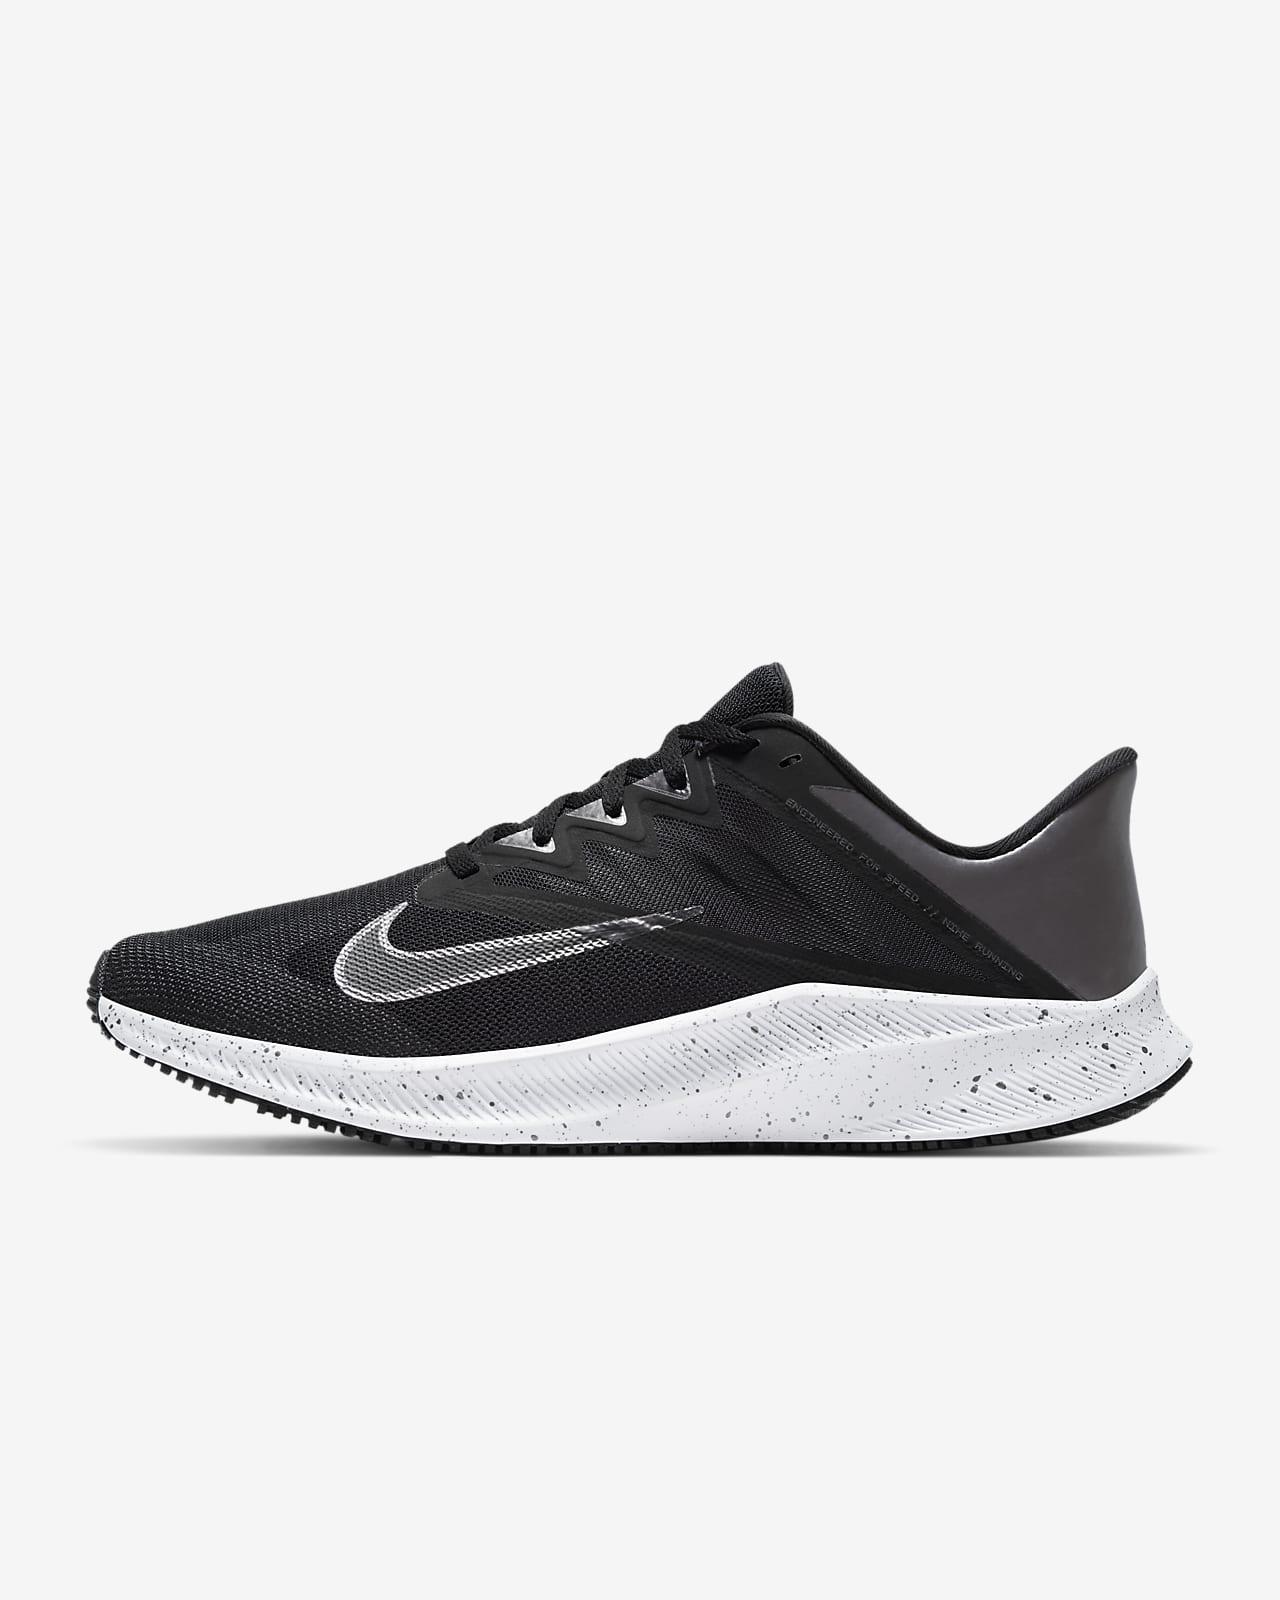 Nike Quest 3 Premium Running Shoe